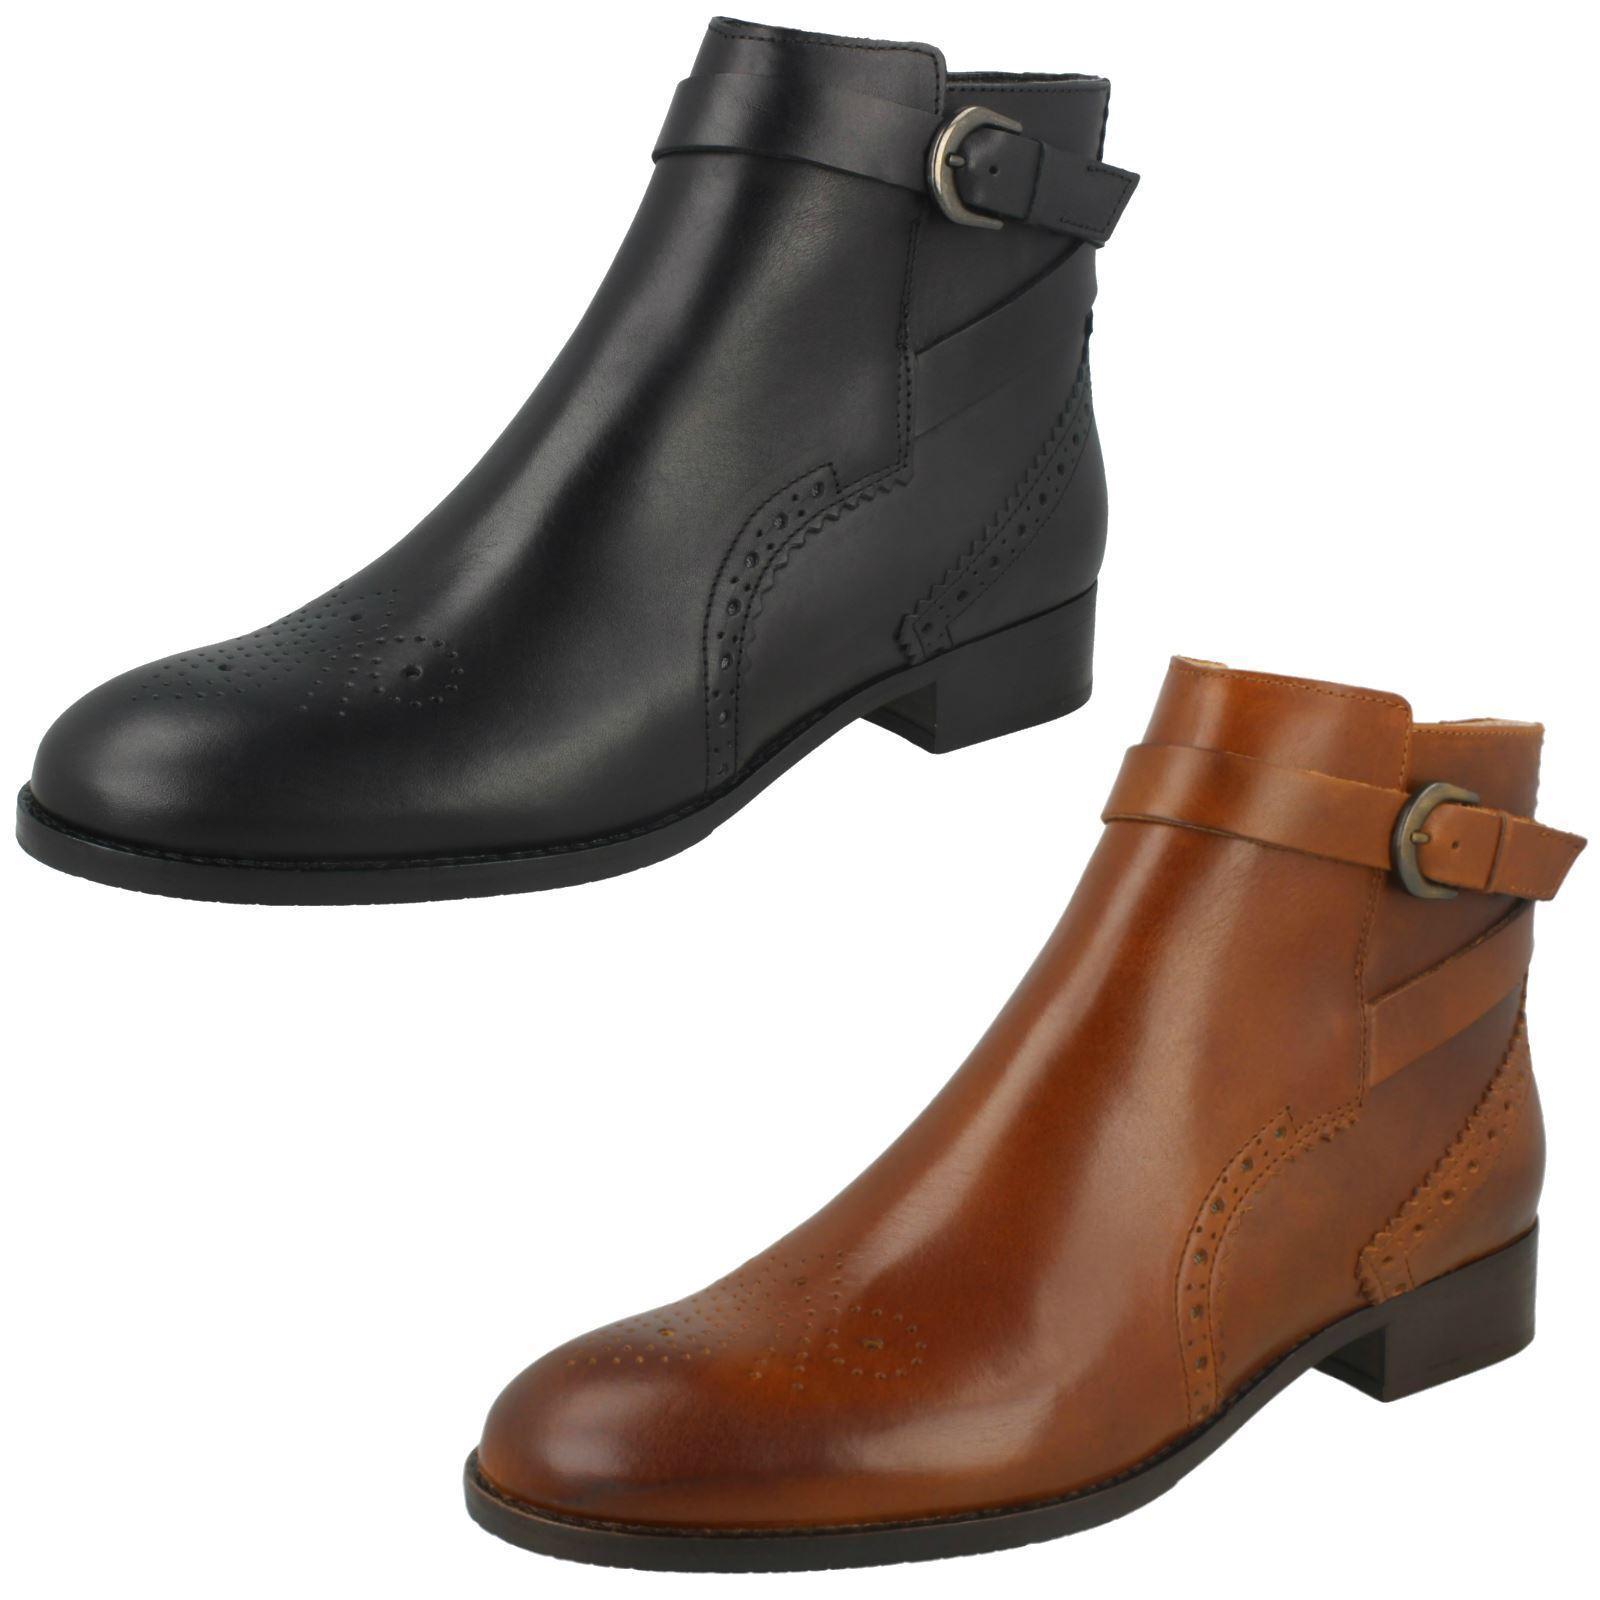 Grandes zapatos con descuento Clarks Mujer Zapato Oxford Estilo Botines 'Netley OLIVIA'